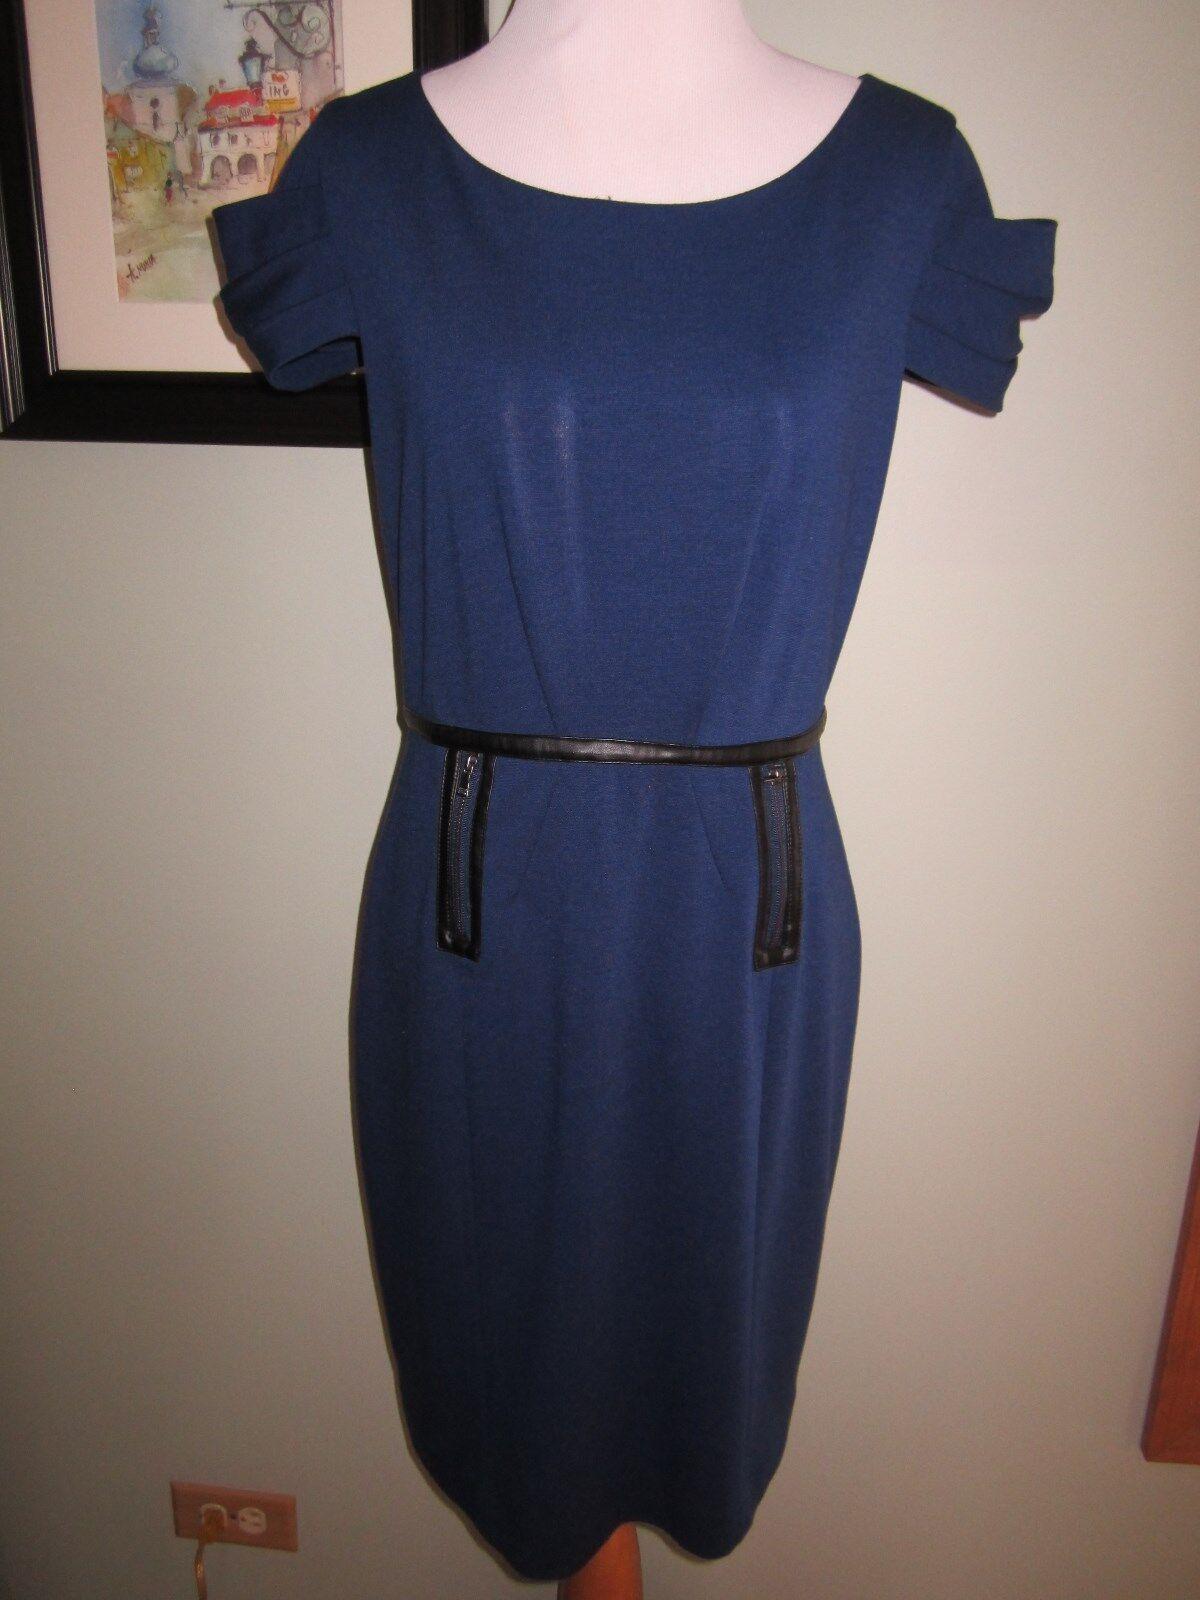 Chequer Navy Blau schwarz Leather Trim Zippers Career Dress Größe 8